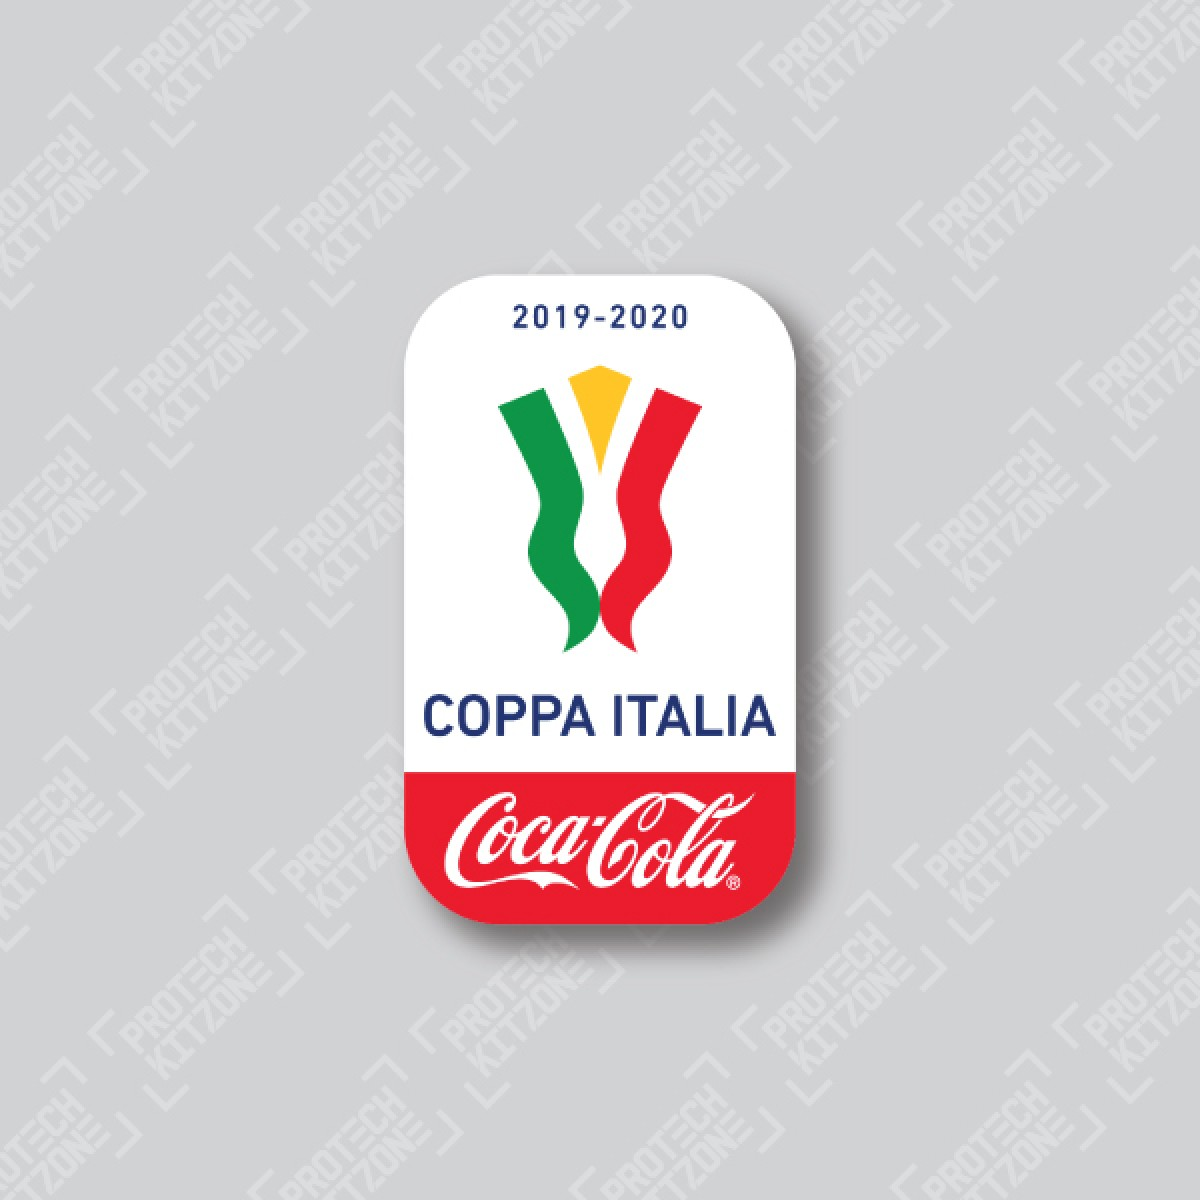 Official Coca Cola Coppa Italia Patch Final 2019 20